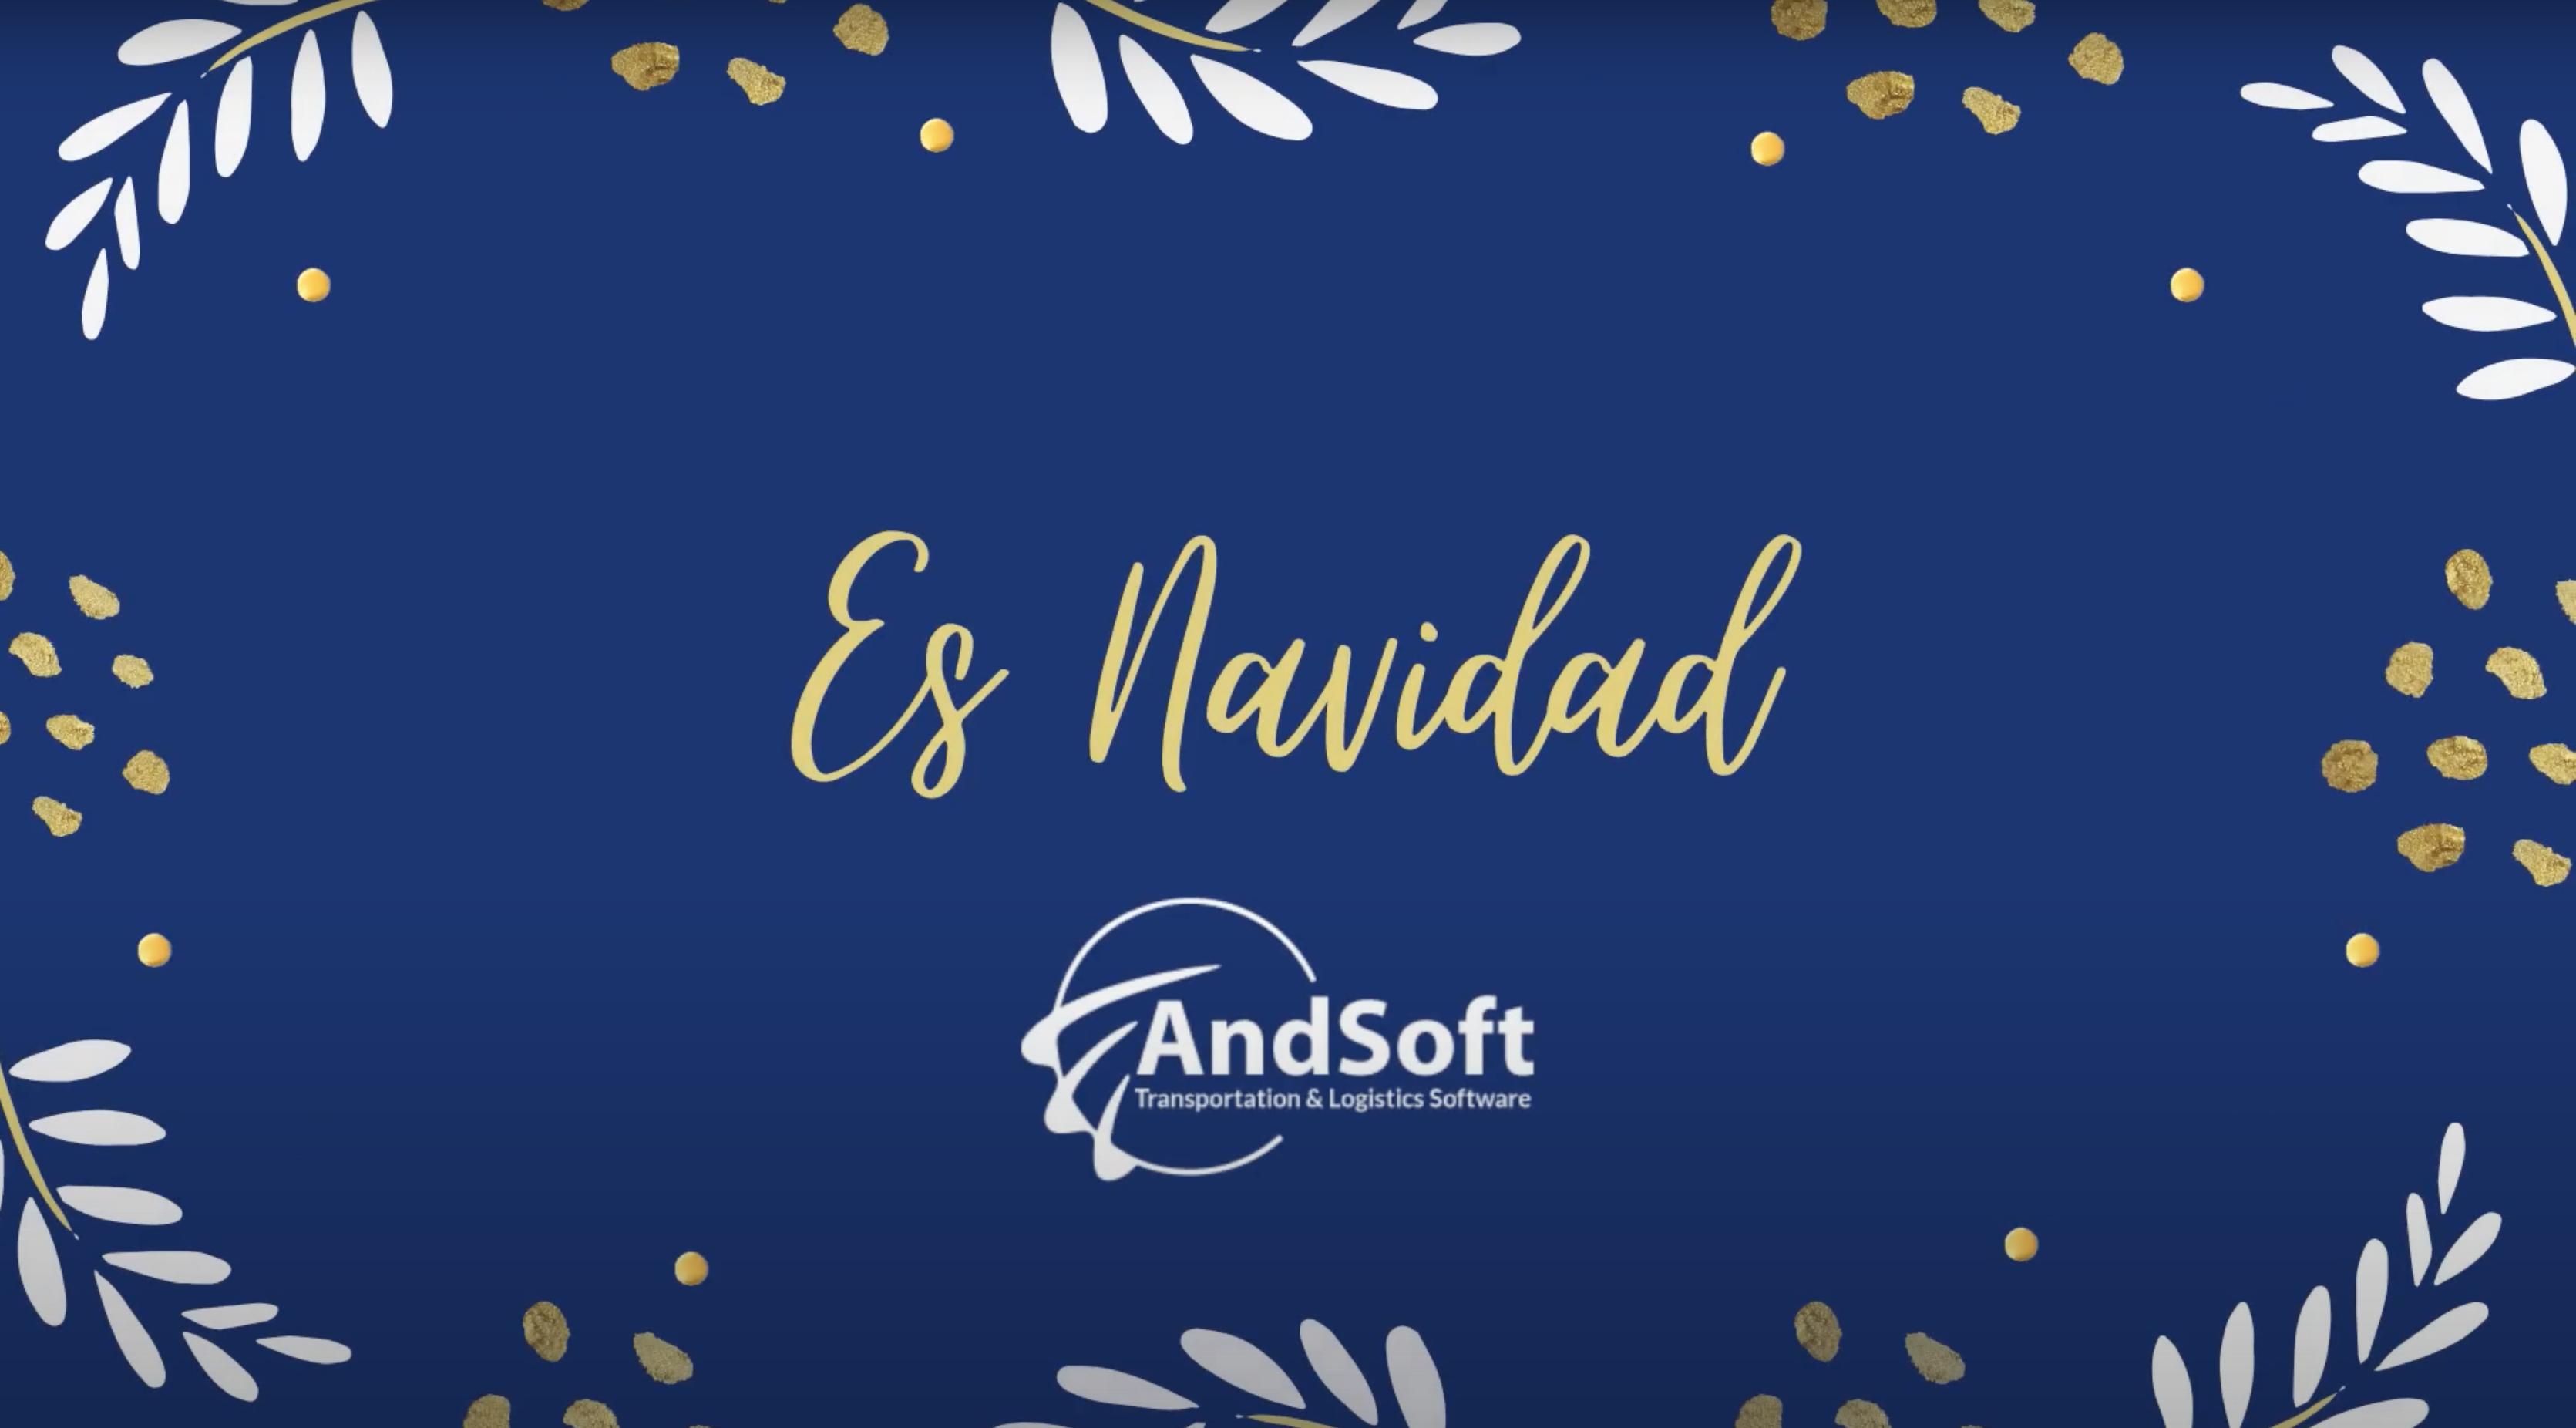 El equipo de profesionales de AndSoft le desea Feliz Navidad y Próspero 2021